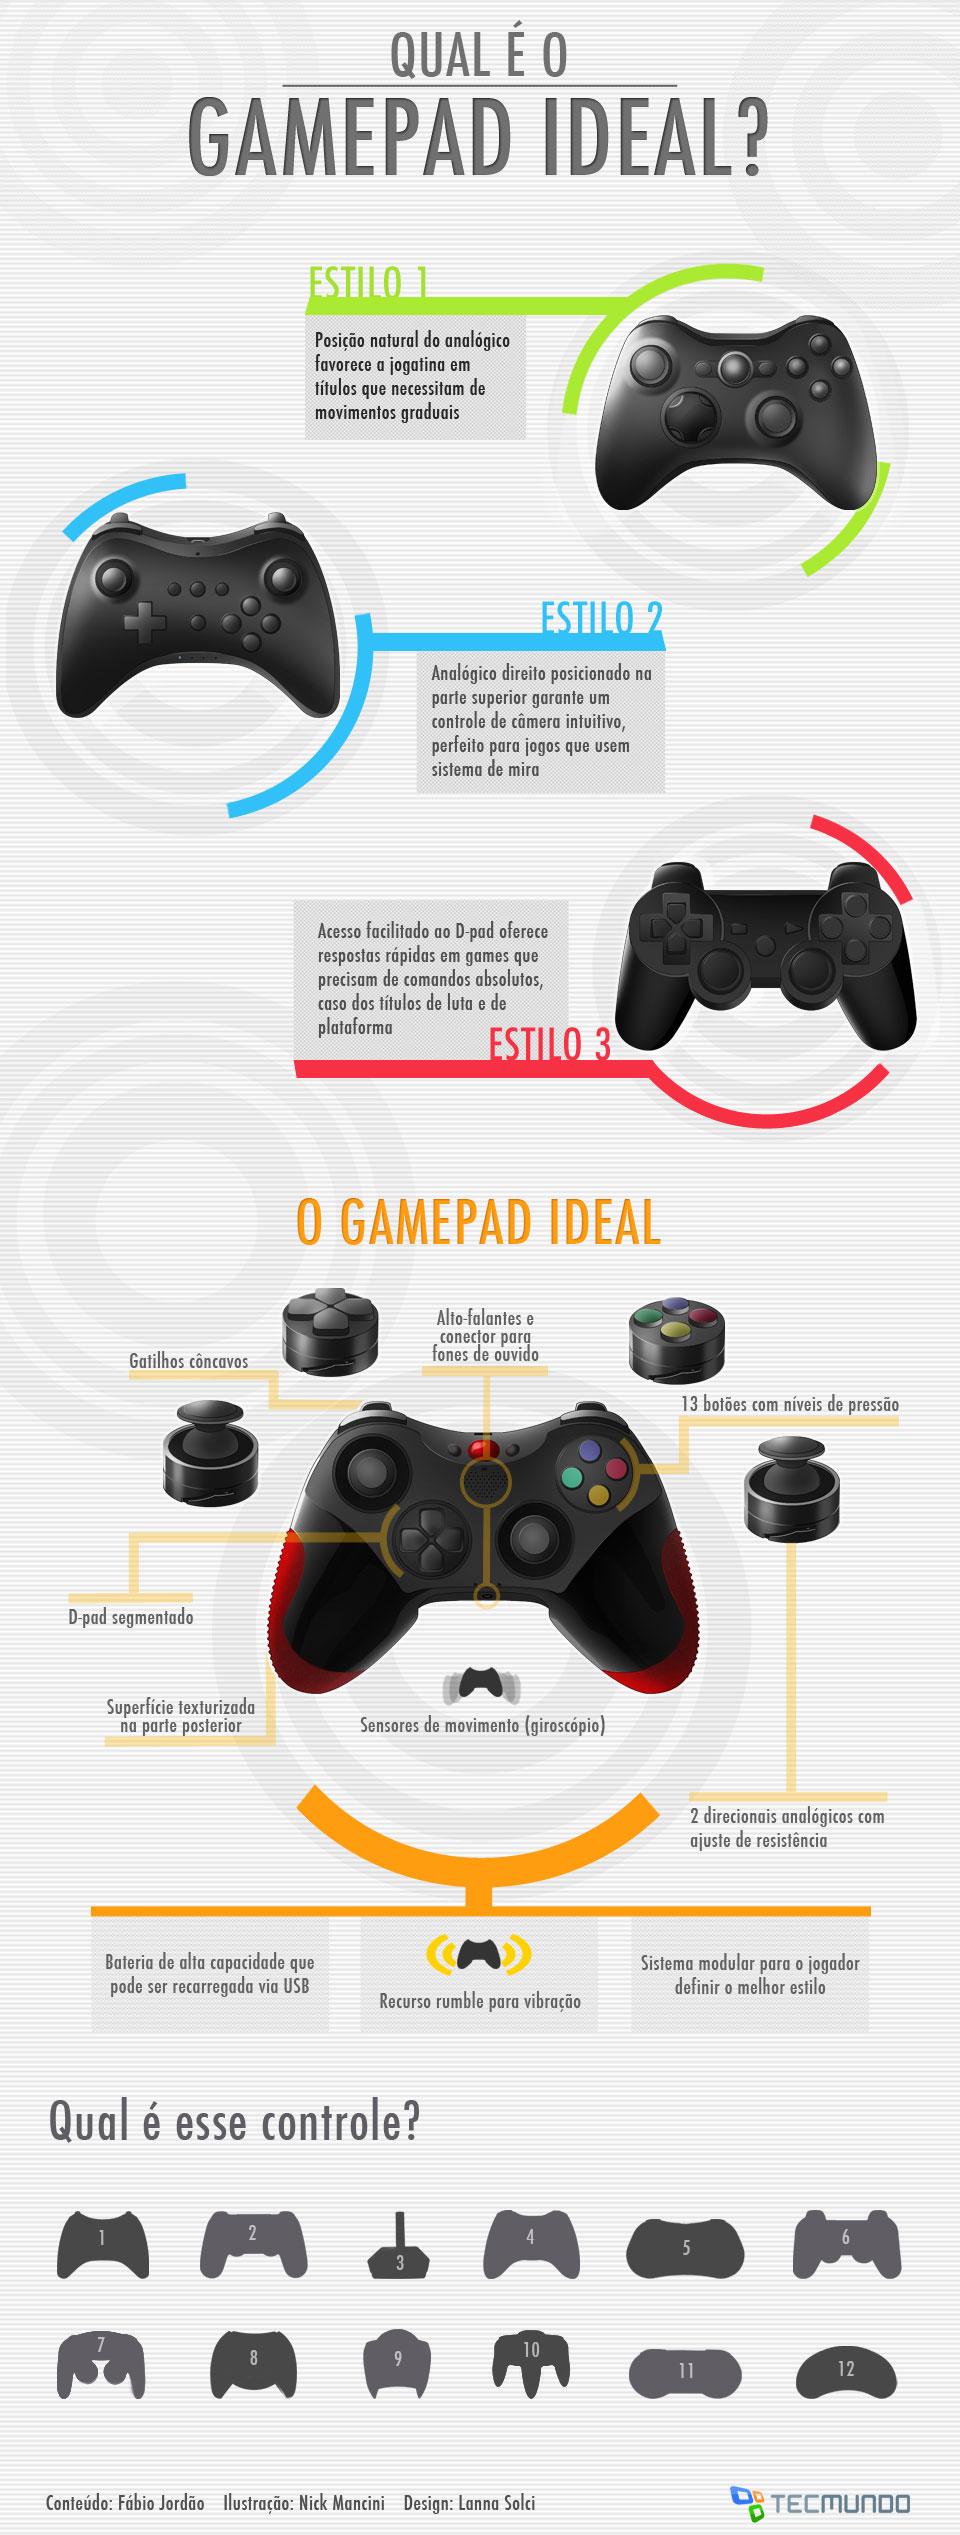 Controles: qual é o formato ideal para você? [ilustração]